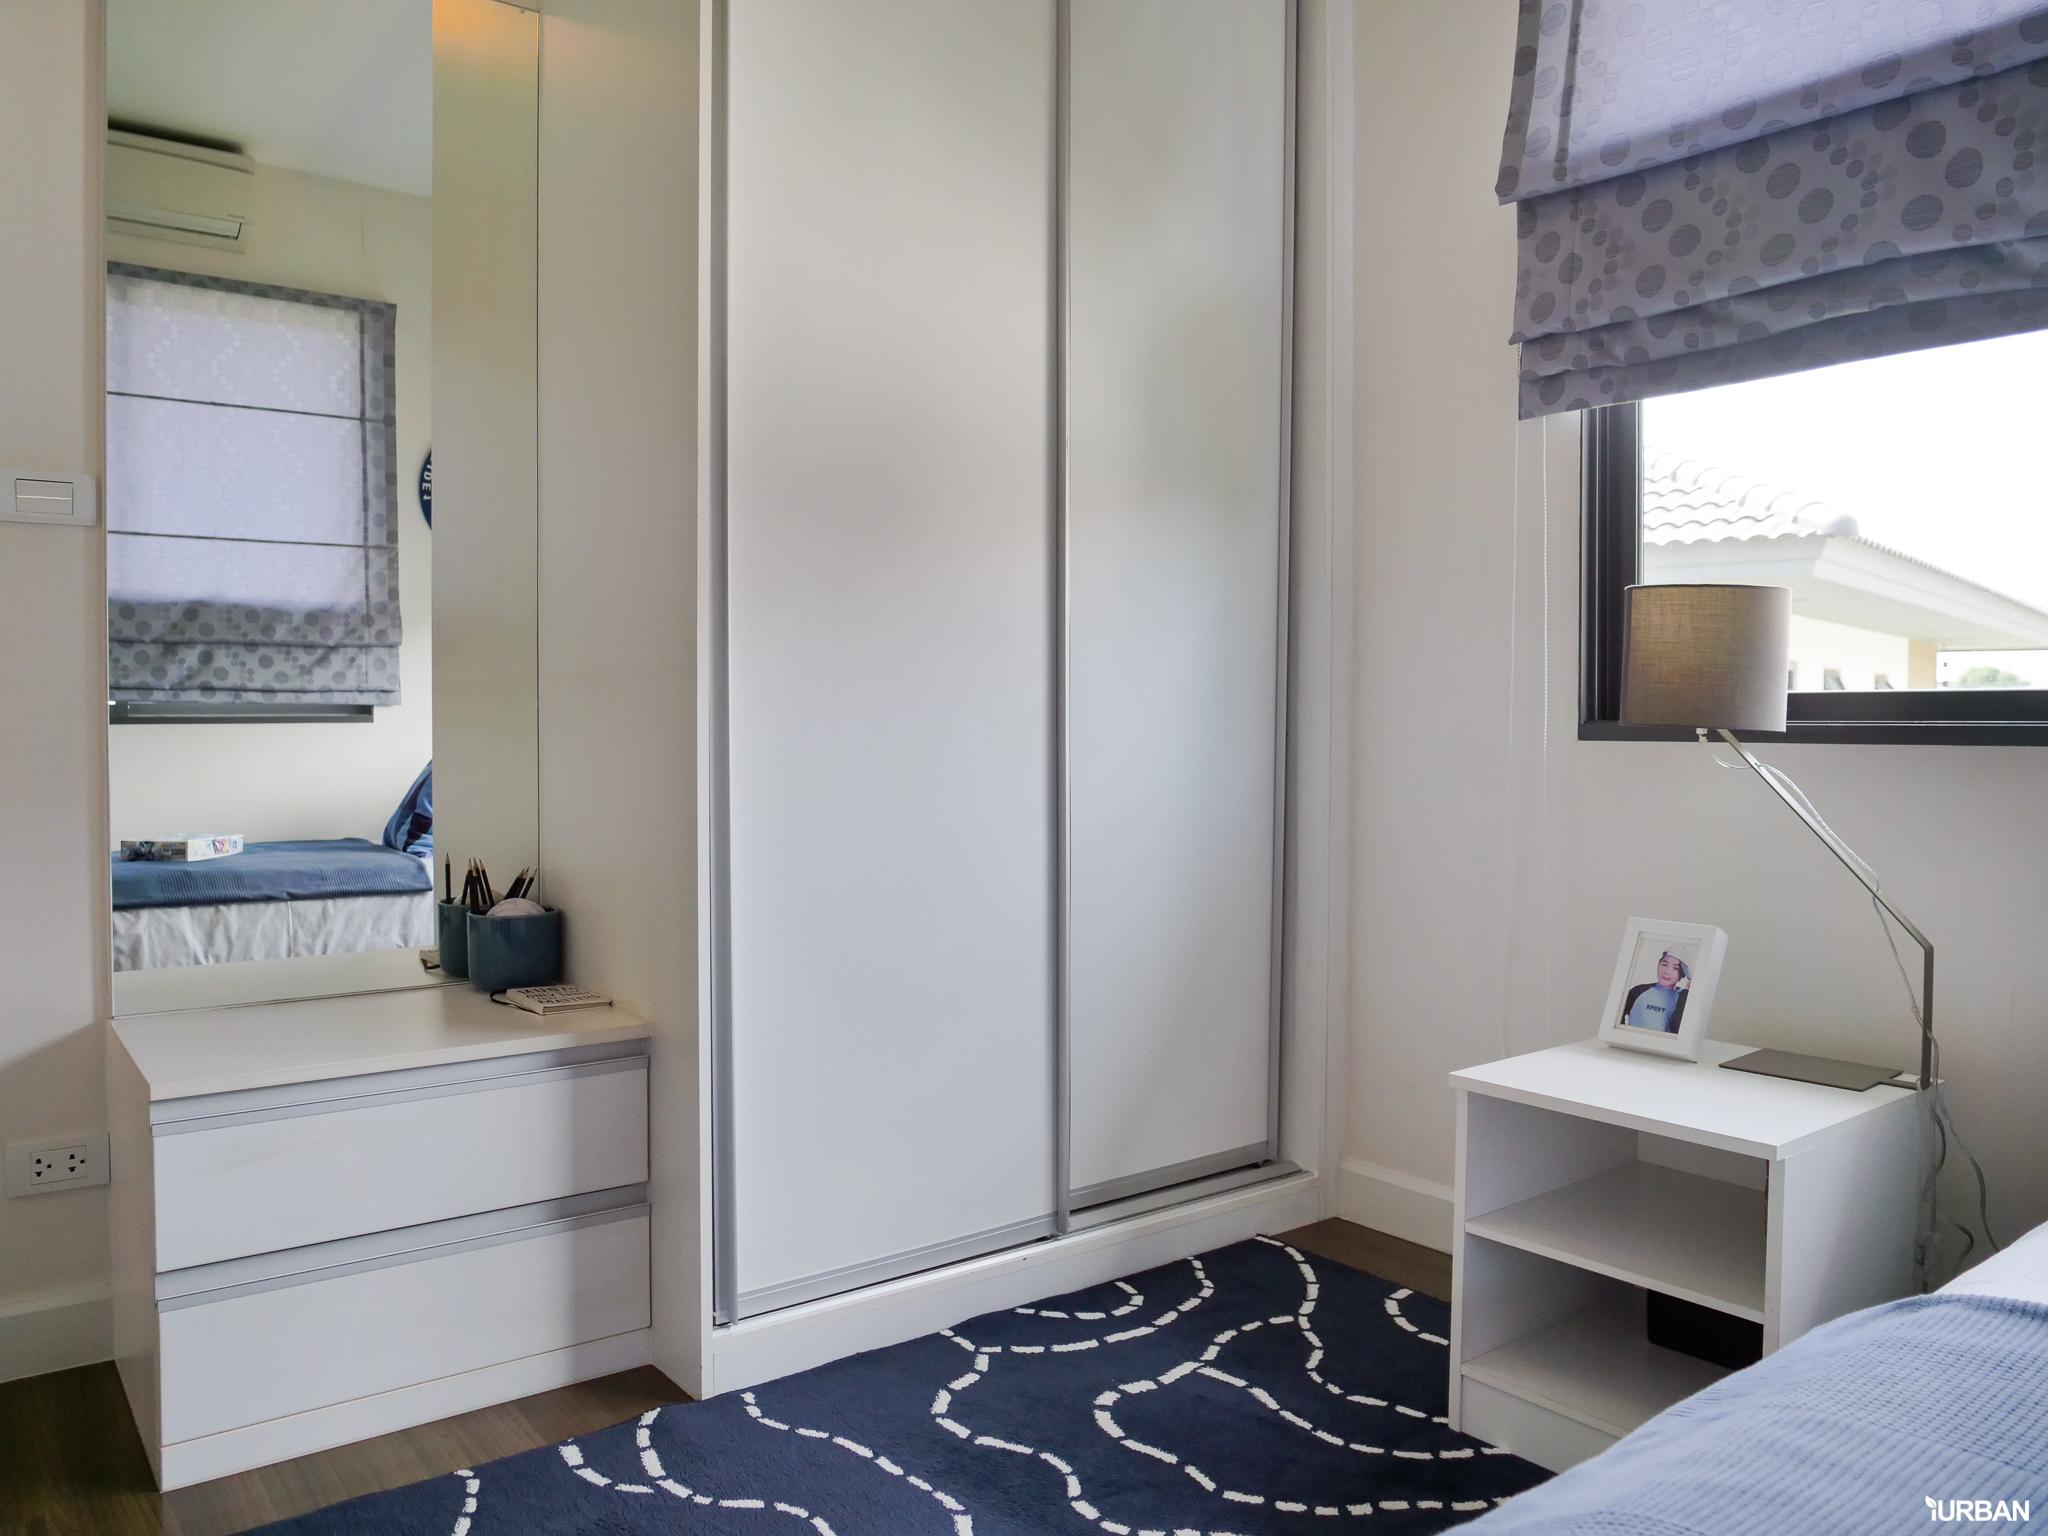 """รีวิว """"ฮาบิเทีย พาร์ค เทียนทะเล 28"""" ที่ดิน 100 ตร.ว. ทำเลพระราม 2 จากแสนสิริ 180 - 4 Bedrooms"""